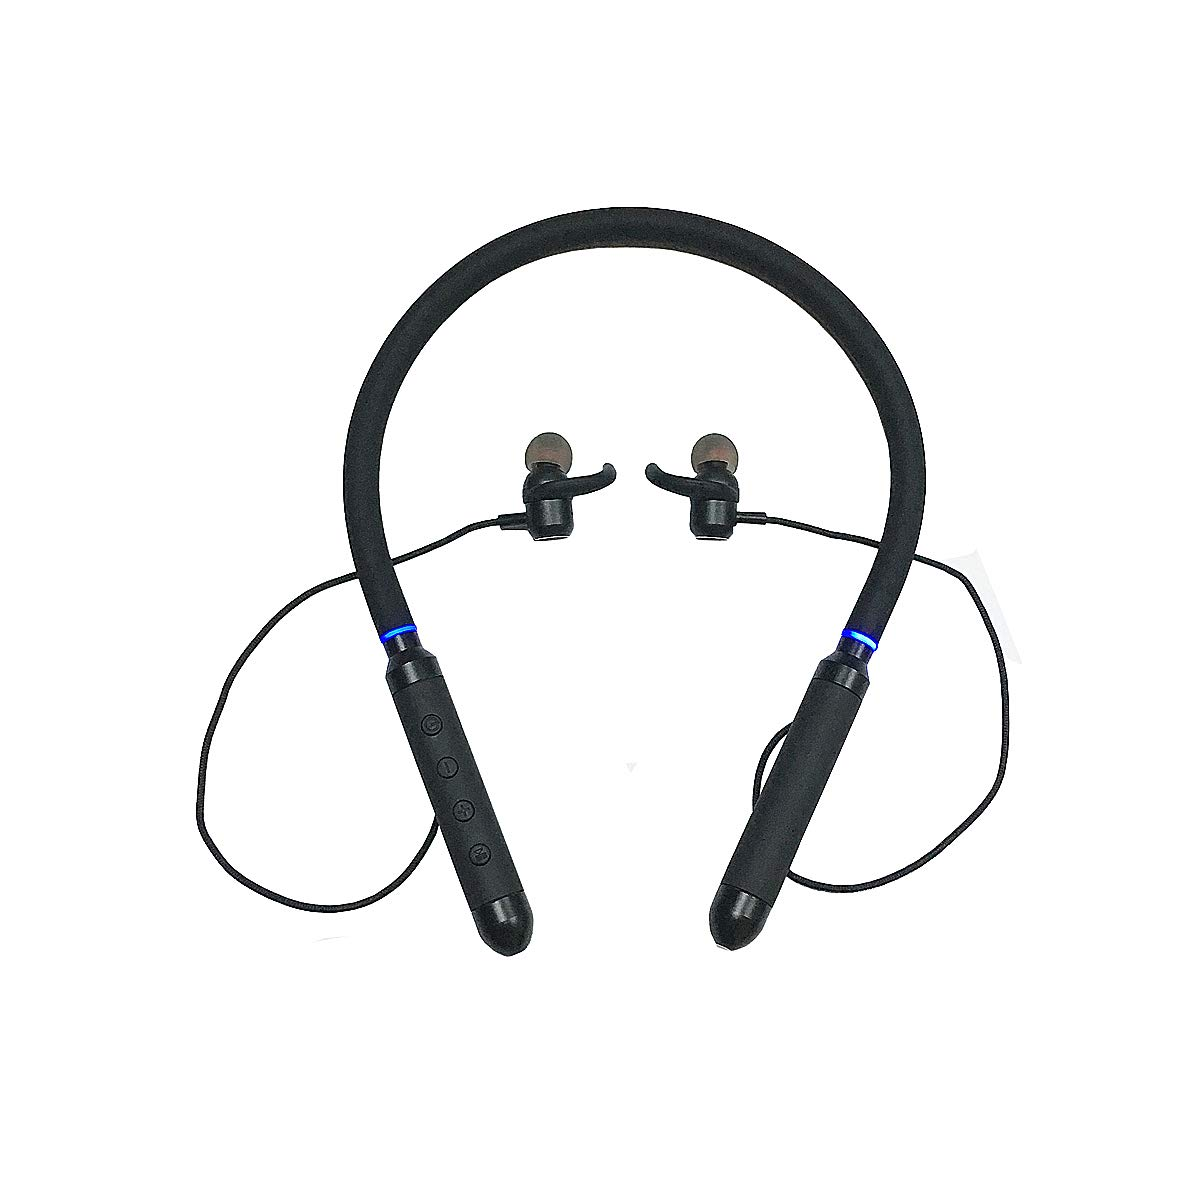 スポーツ用ヘッドホン microSDカード機能付き 環境光 Bluetoothヘッドフォン ノイズキャンセリングスポーツヘッドホン マイク付きワイヤレスイヤホン Bluetoothイヤホン ランニング 作業 適応   B07SJG955K